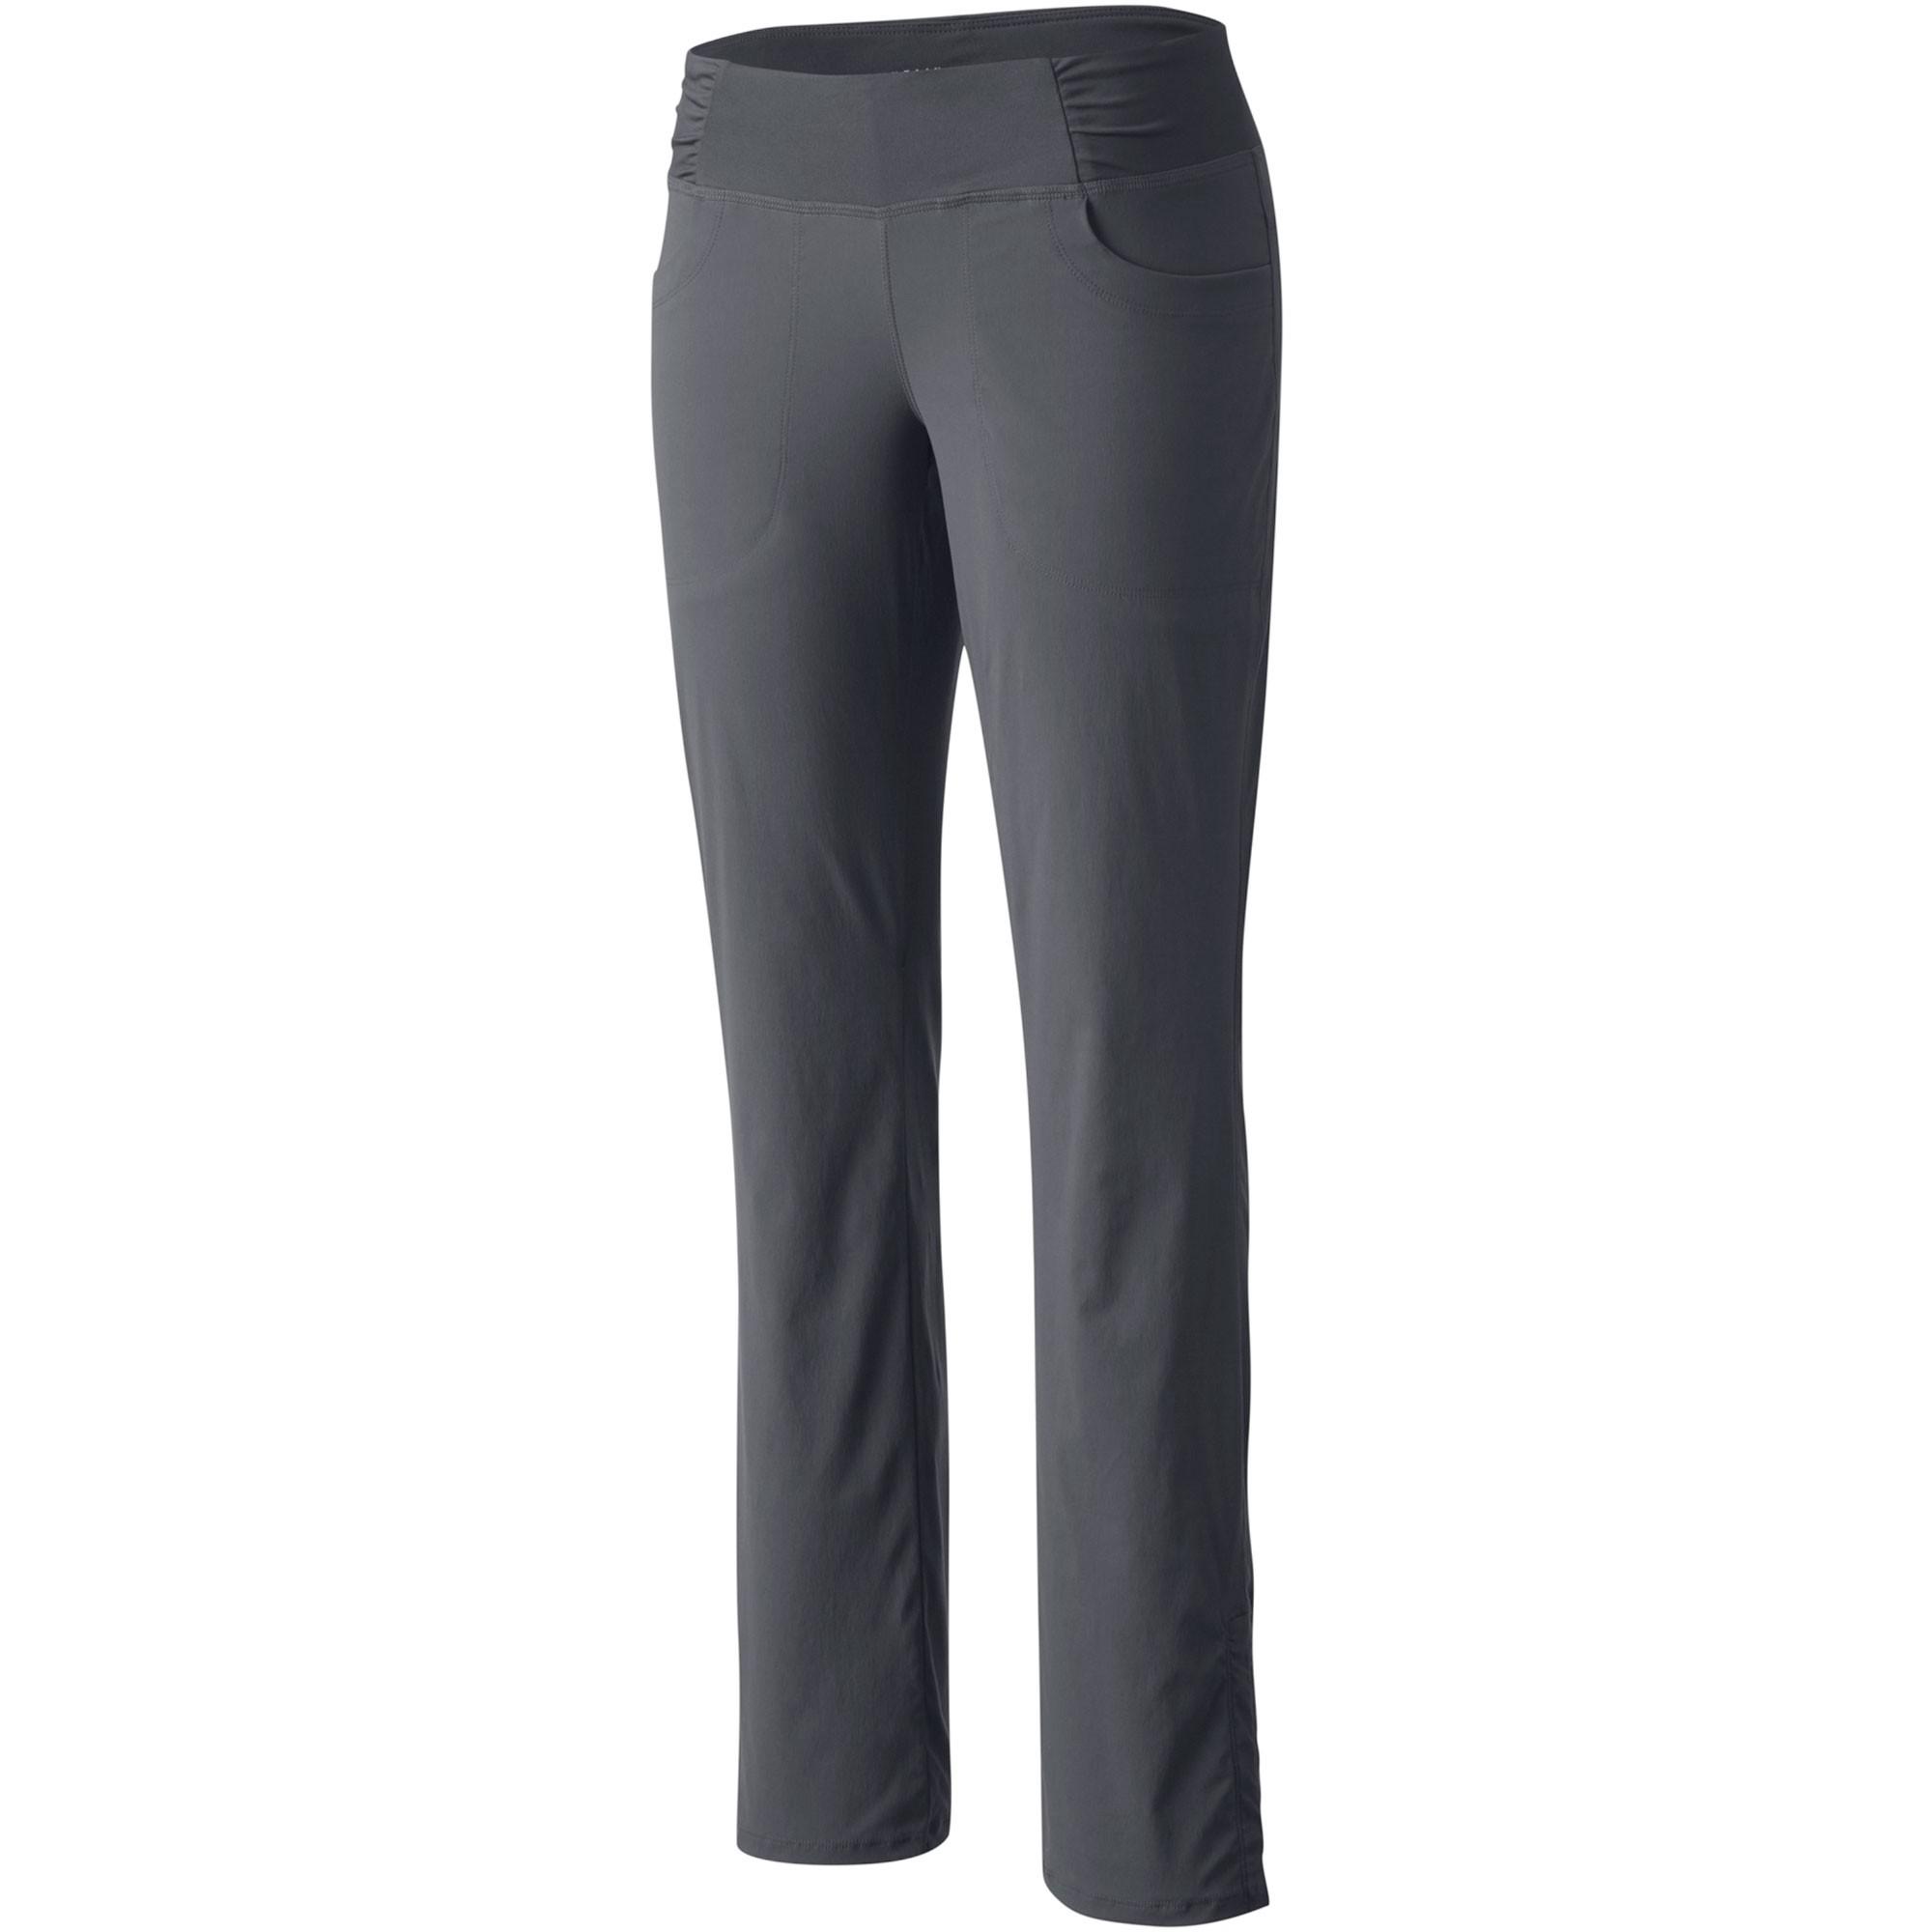 Mountain Hardwear Dynama Pants - Graphite - Front